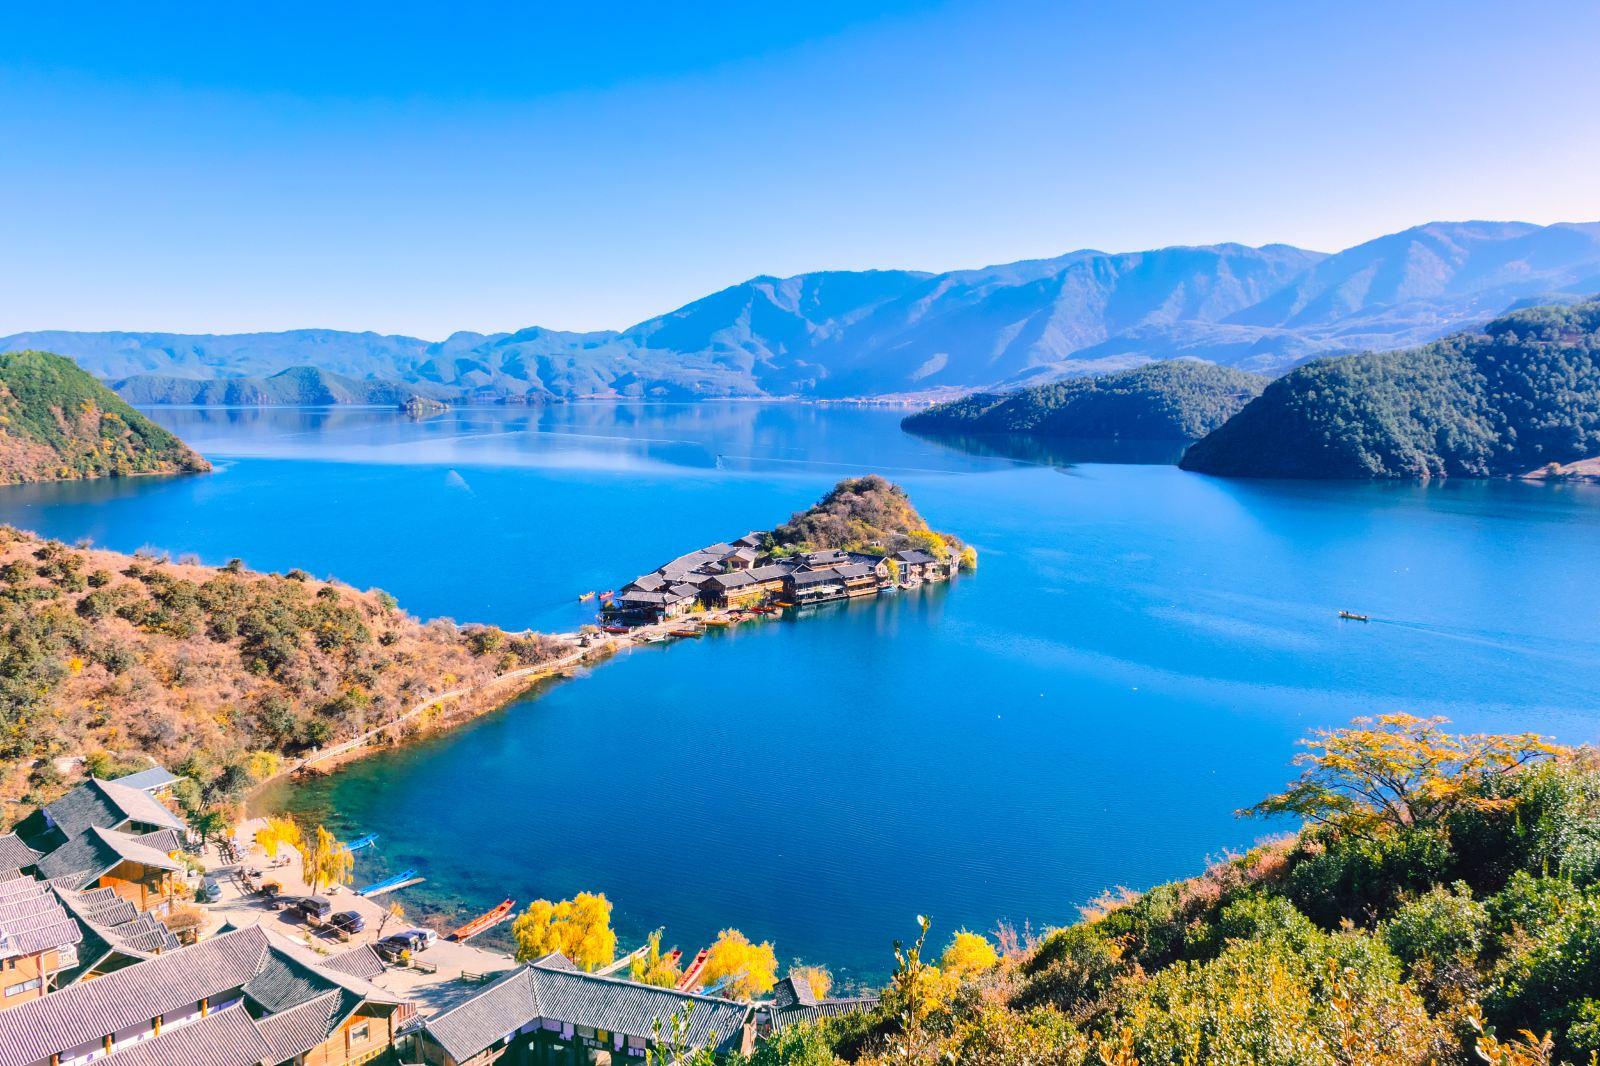 泸沽湖景区